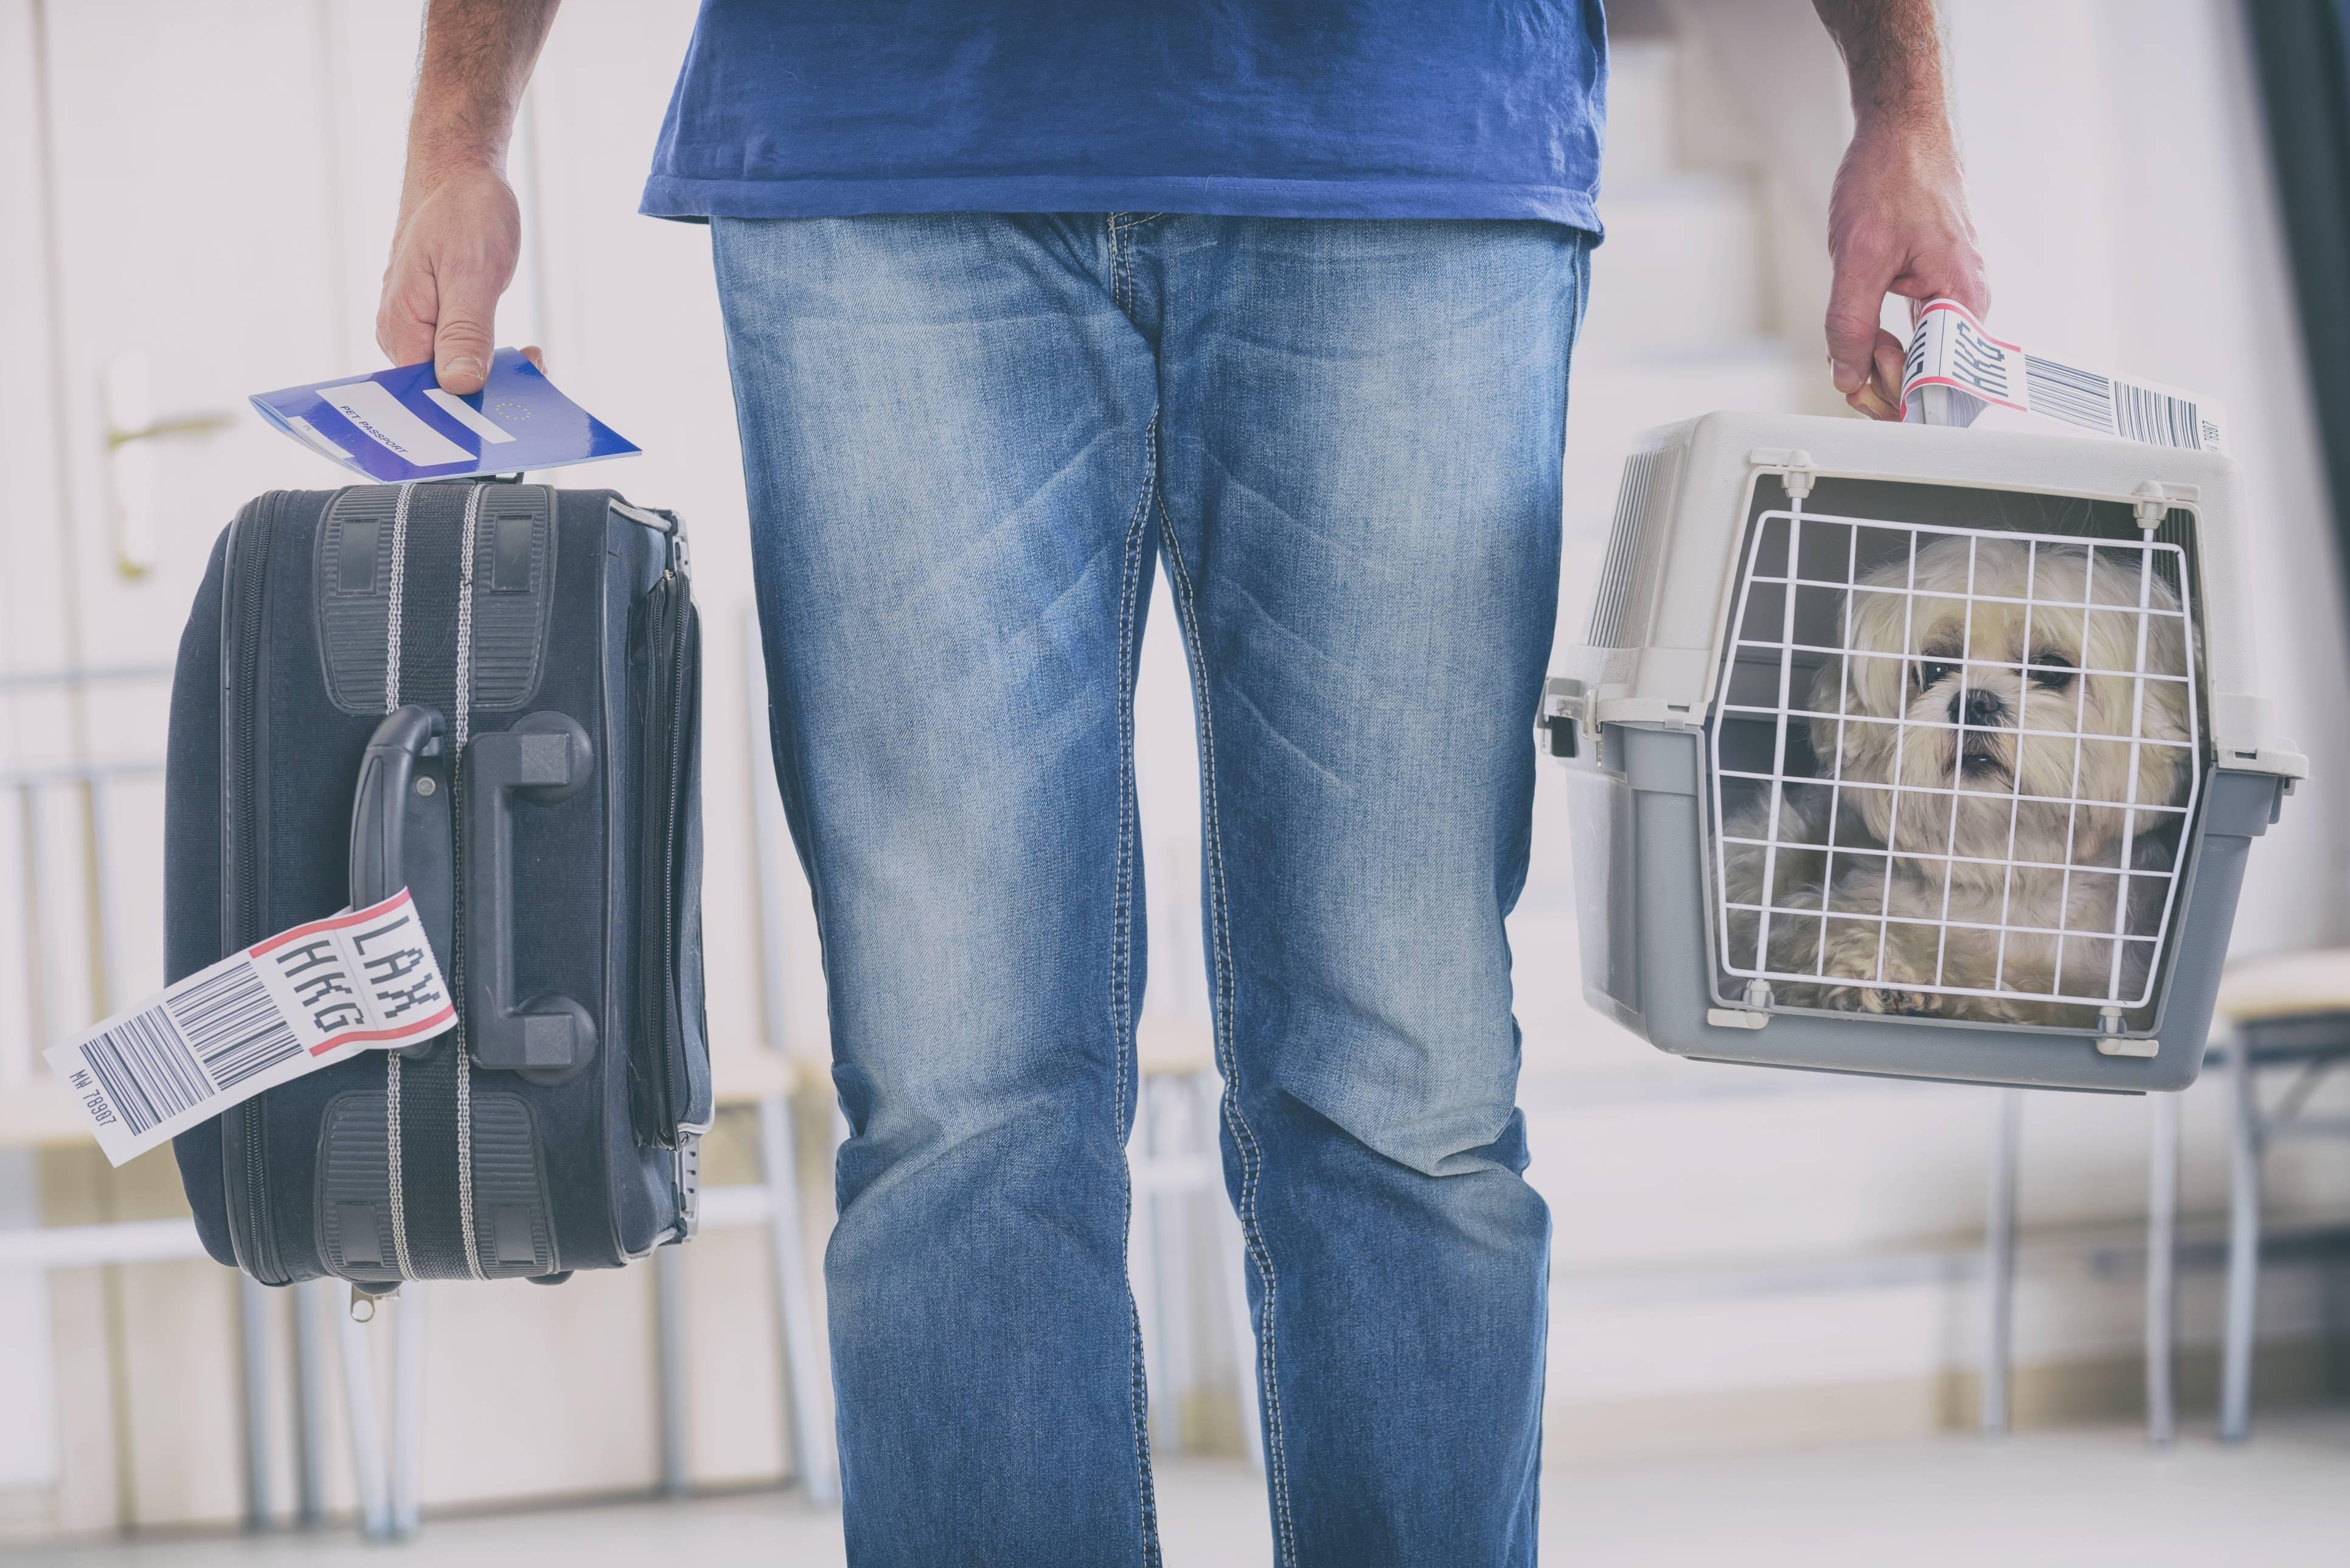 Перевозка кошек в самолете - правила авиакомпаний, выбор переноски, подготовка документов